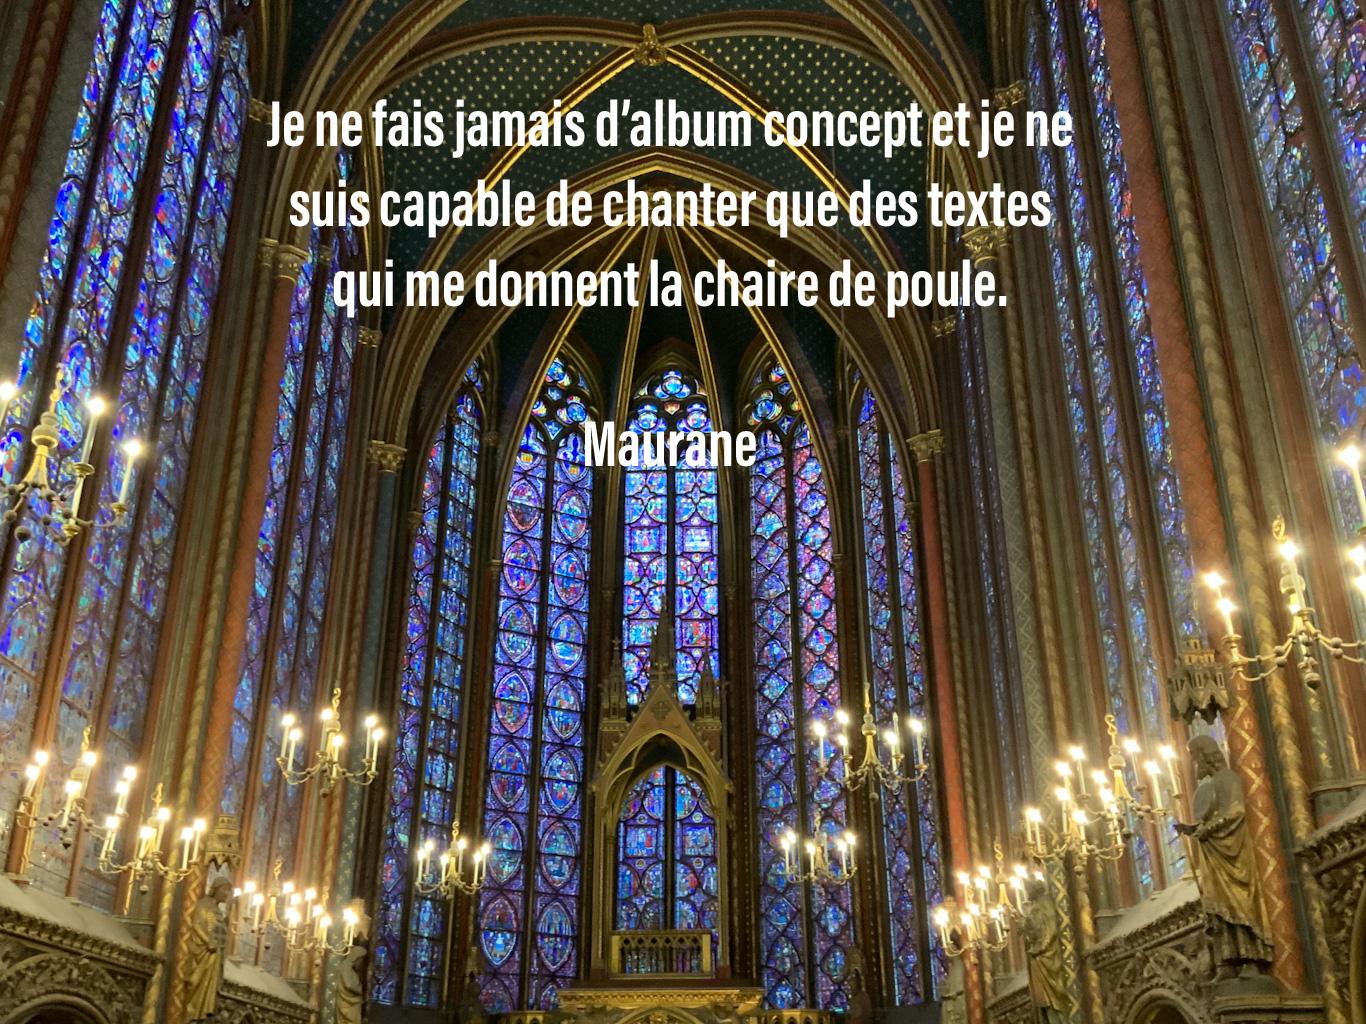 Citation de Maurane sur le fond des vitraux de la Sainte Chapelle à Paris